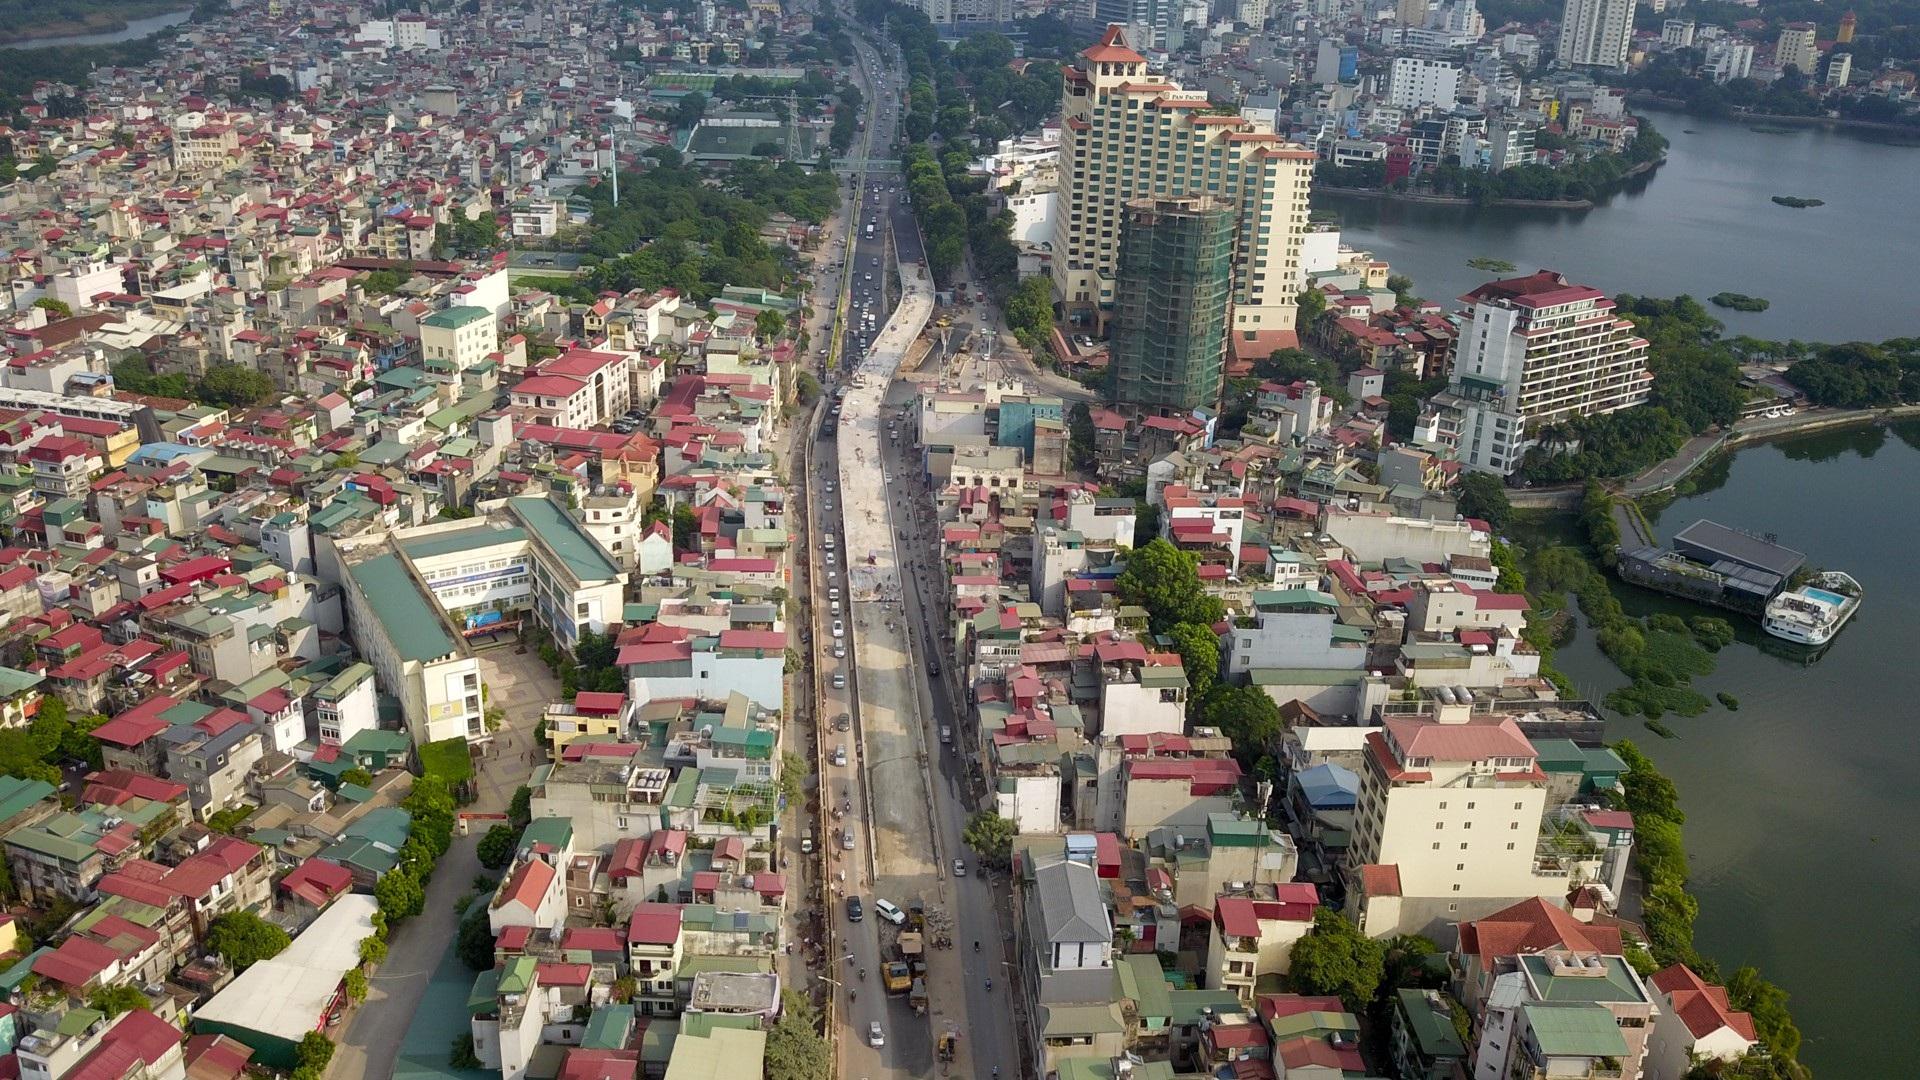 Hà Nội: Toàn cảnh dự án cầu vượt An Dương sau hơn một năm thi công - Ảnh 7.